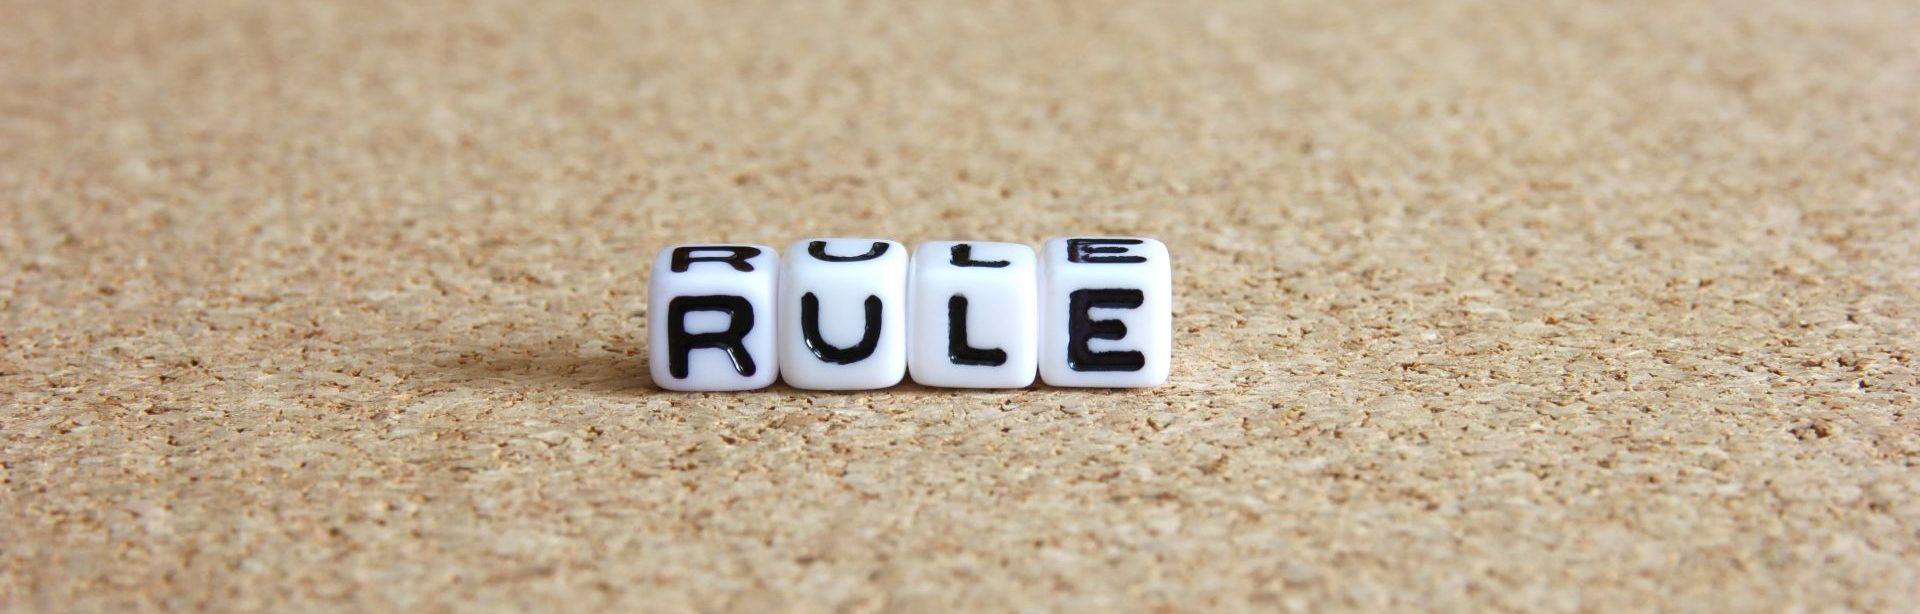 ダイエットが成功する6つのルール